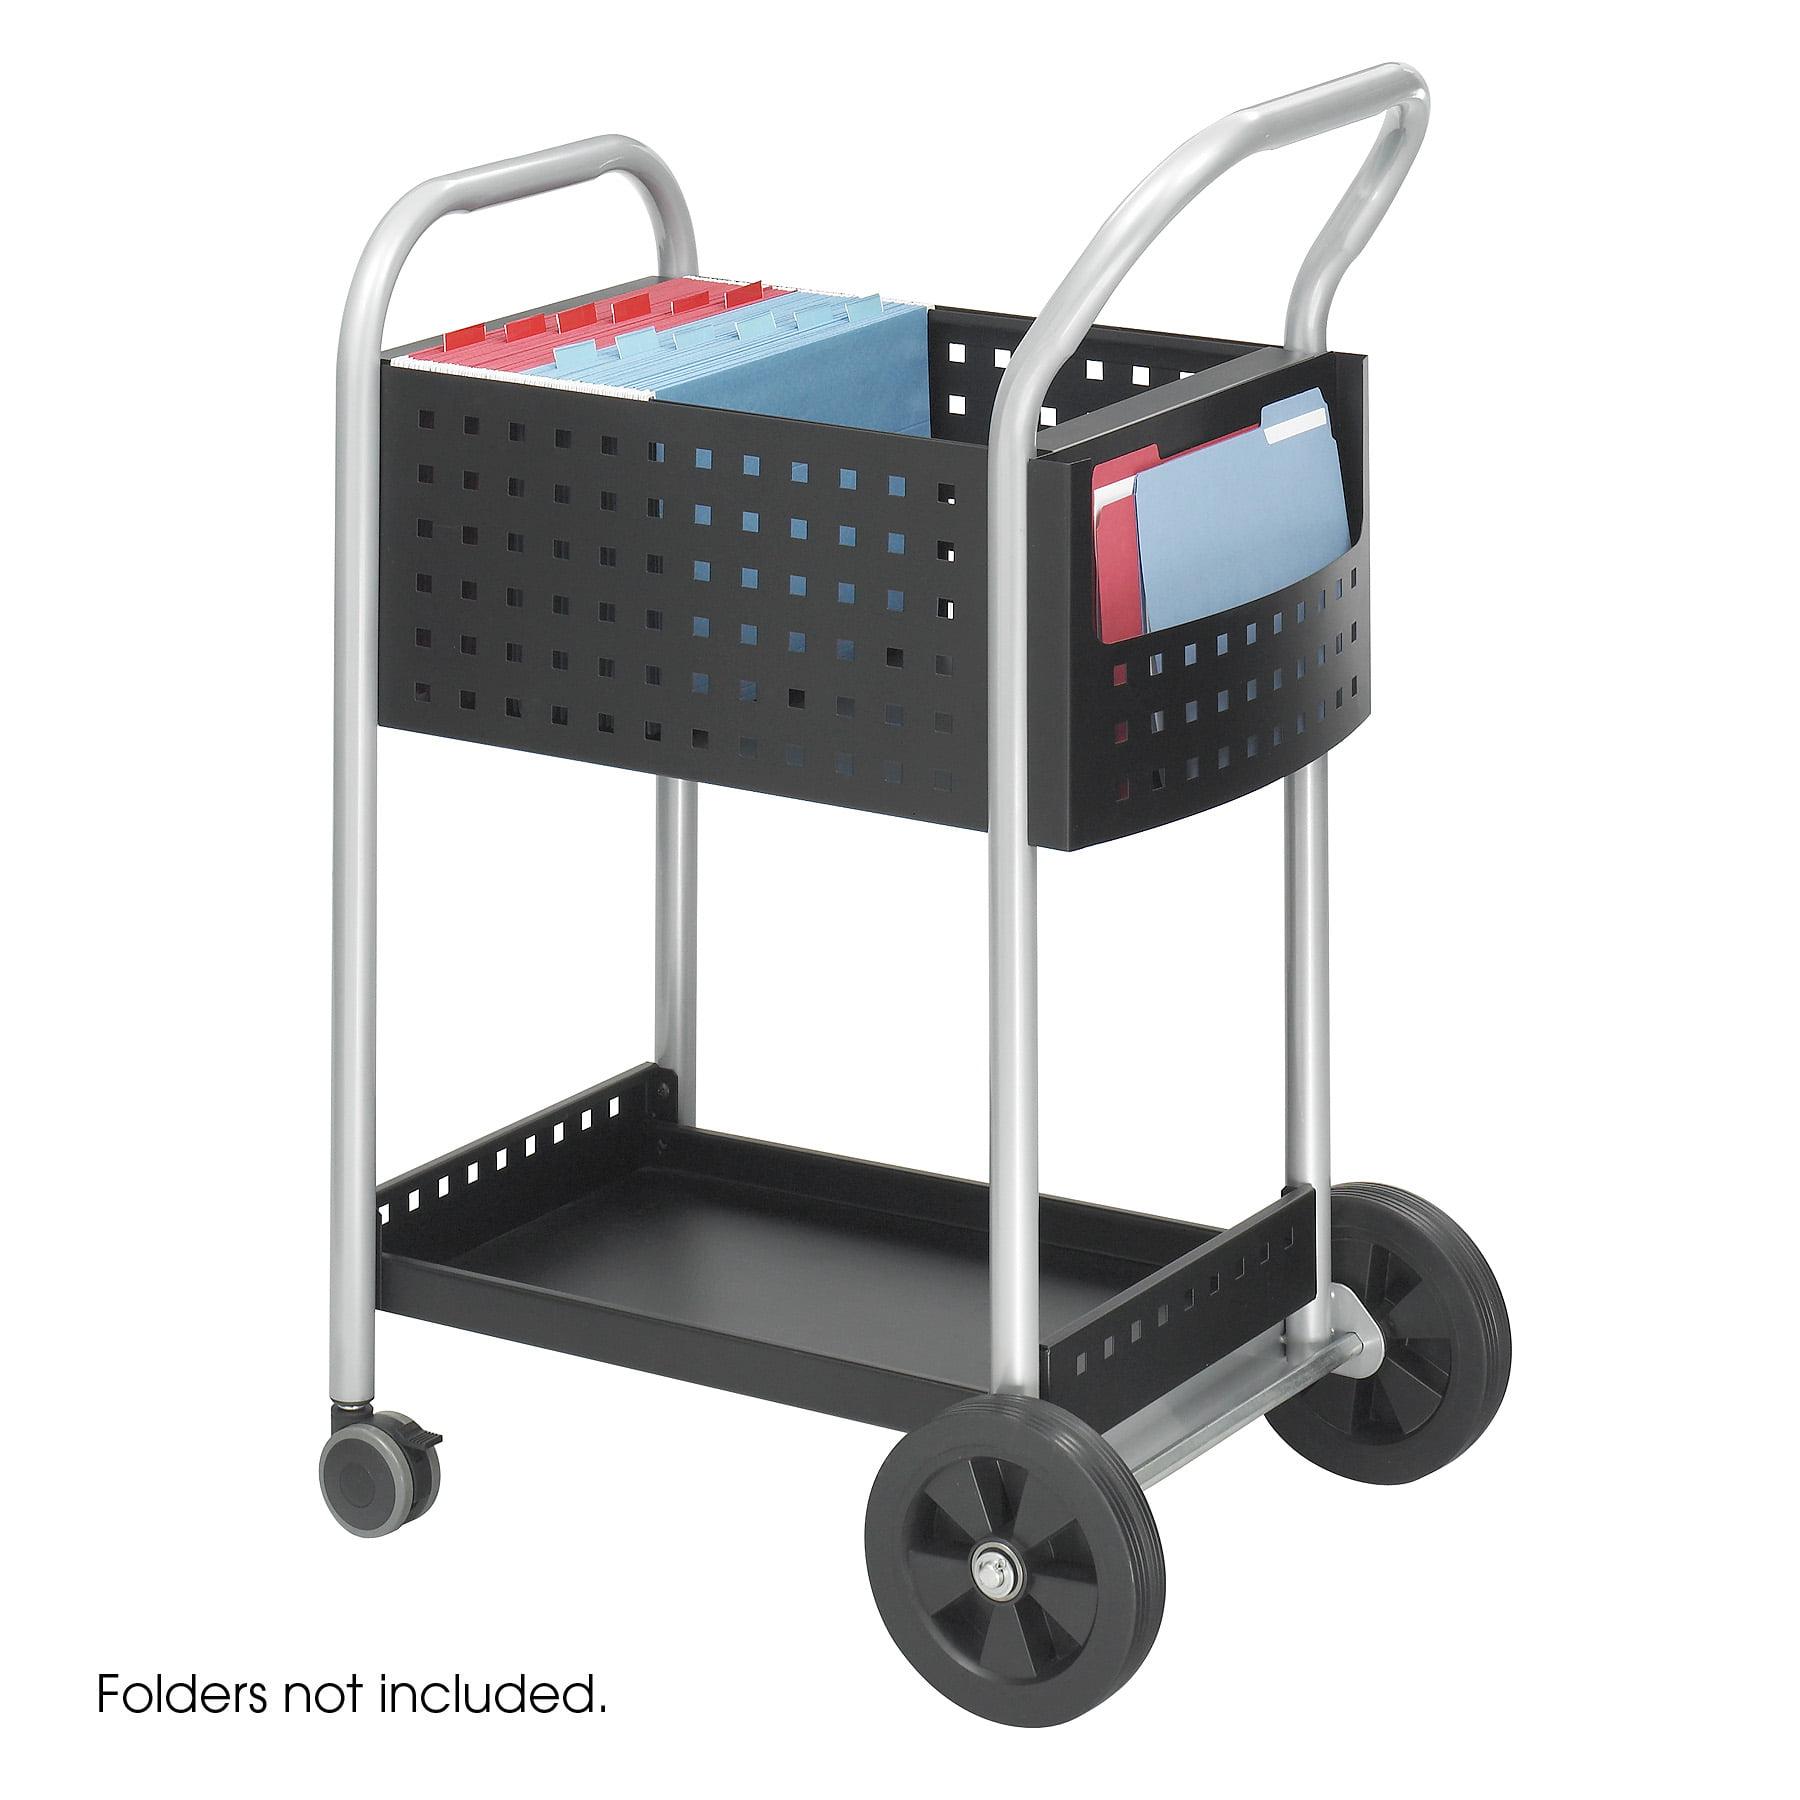 Lot of 4 Mobile steel handle & side pocket storage 20 Inch D Scoot Mail basket wheel Cart-5238BL